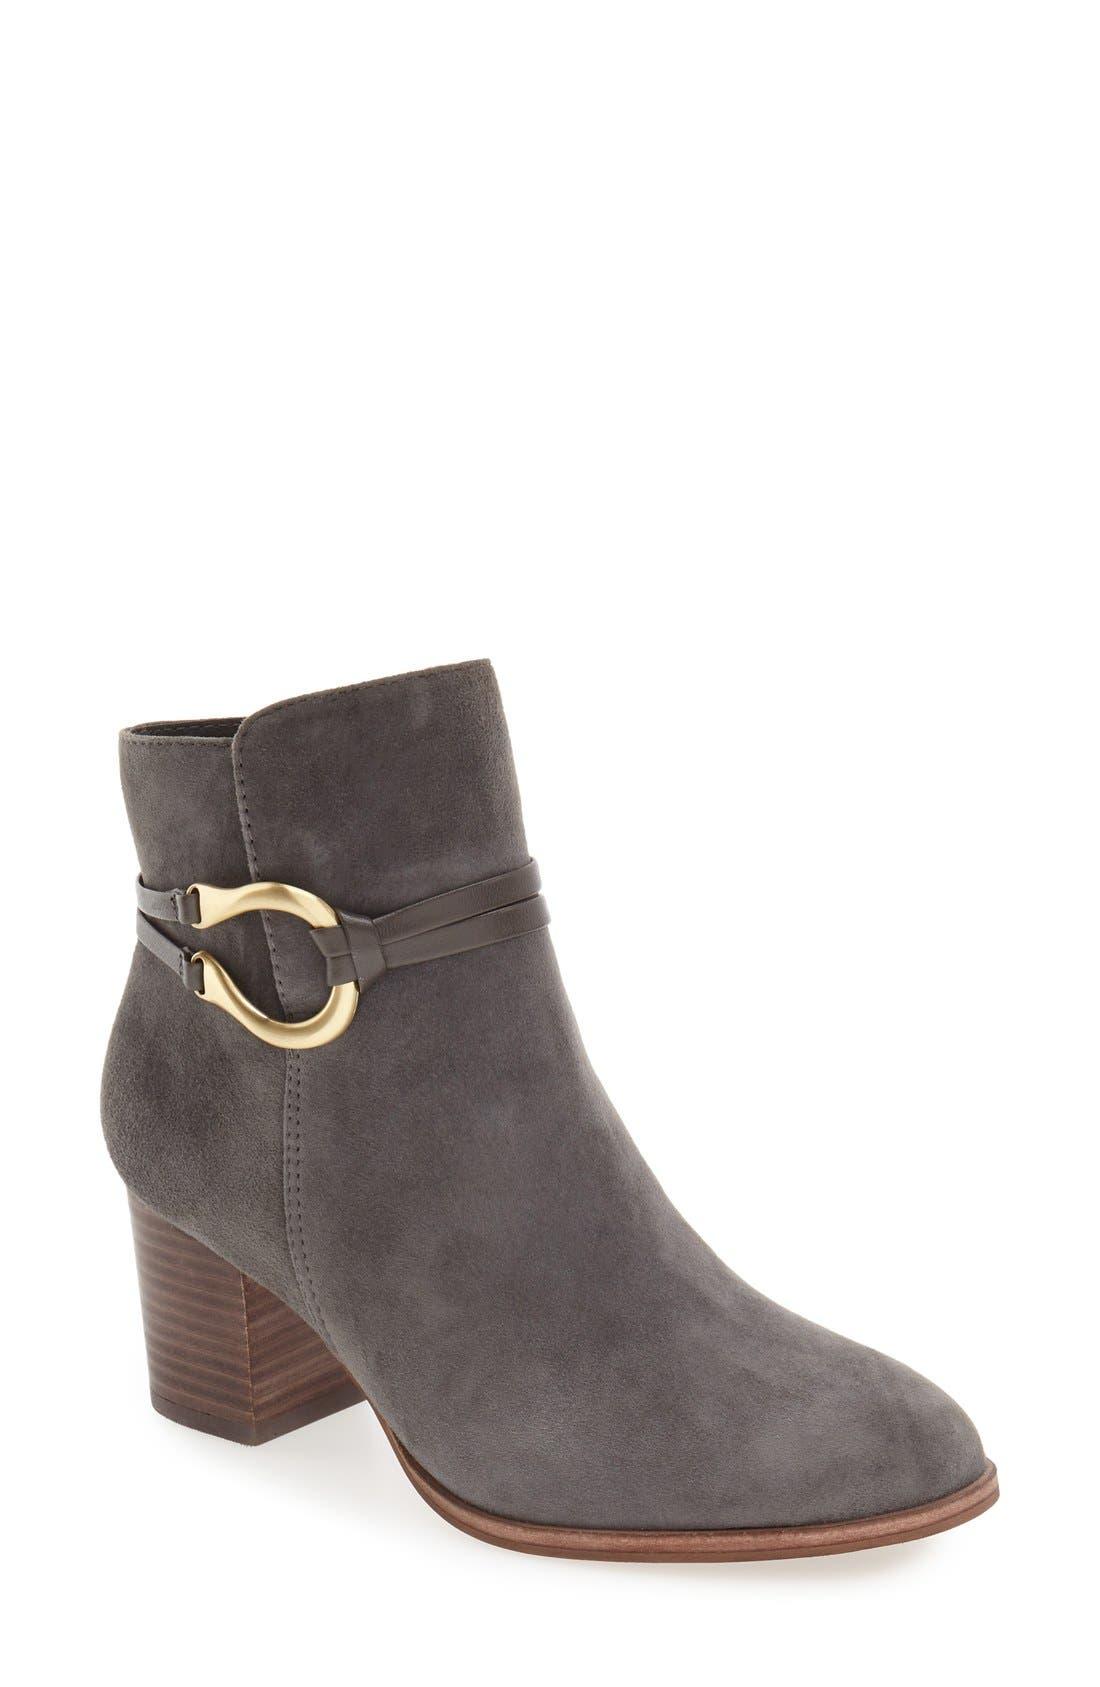 'Odell' Block Heel Bootie,                         Main,                         color, Steel Grey Suede